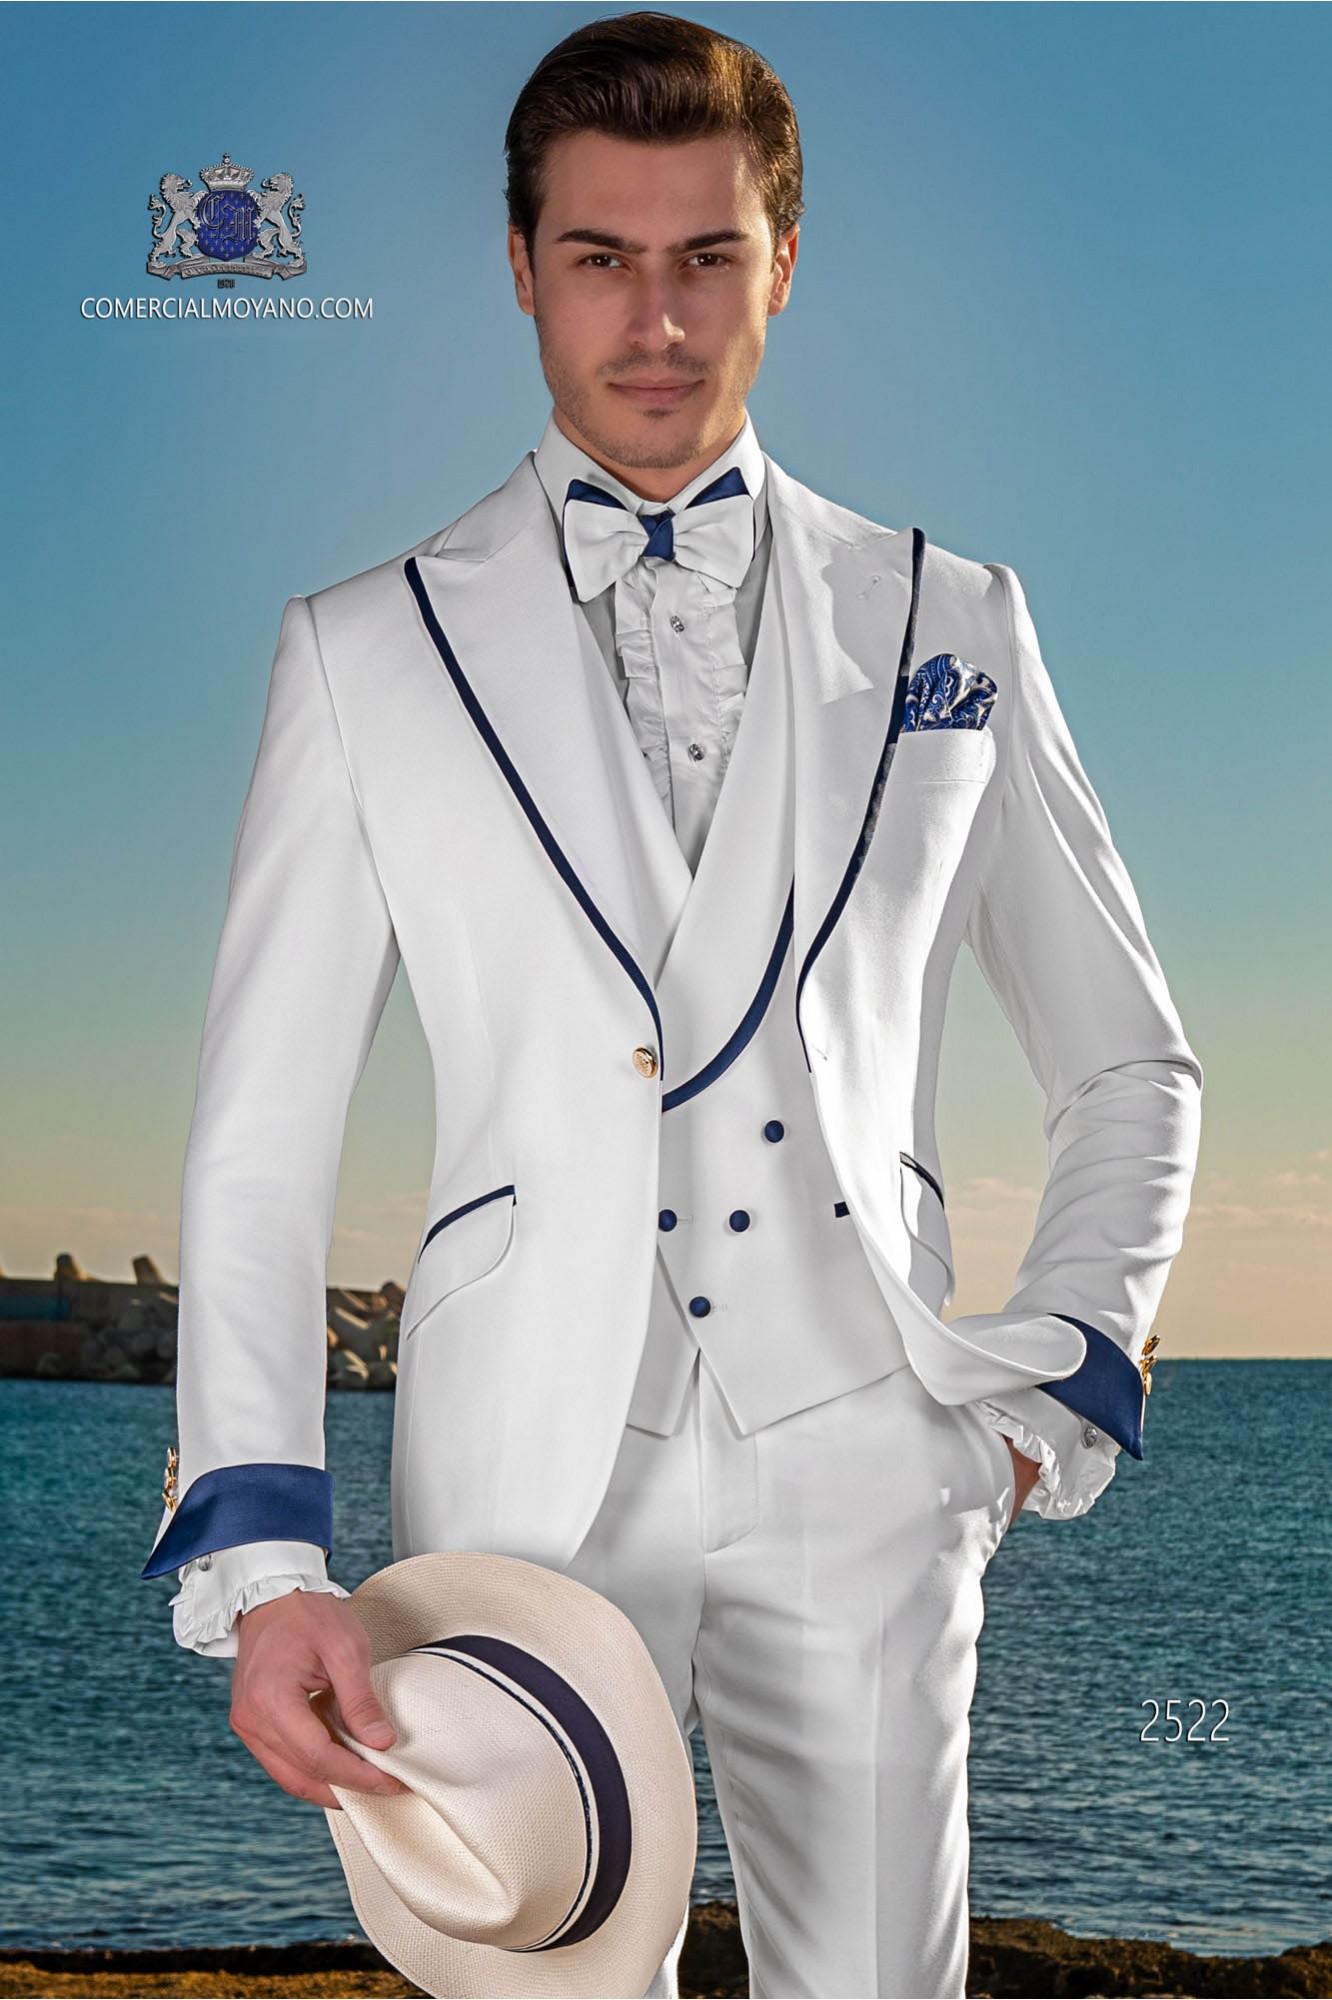 Traje de novio moderno blanco con con vivo azul en la solapa